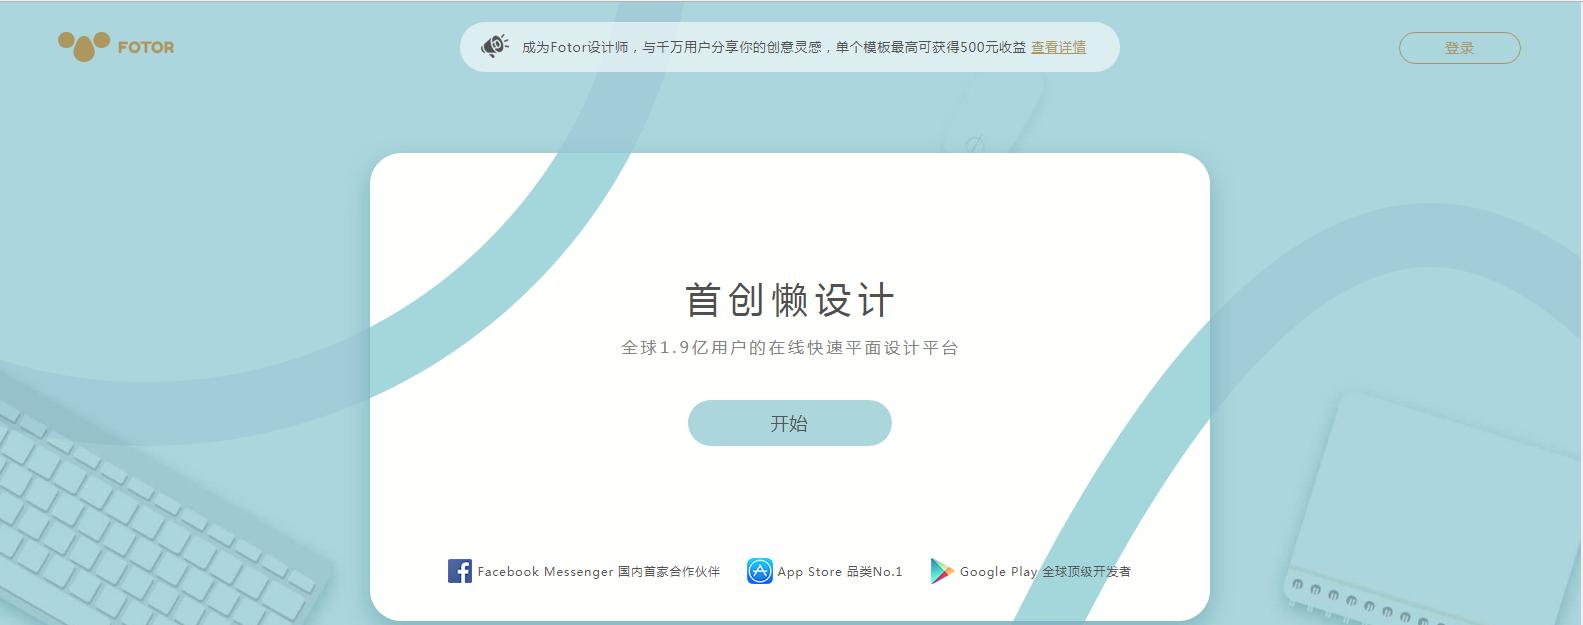 Fotor懒设计-小白用户的在线平面设计神器